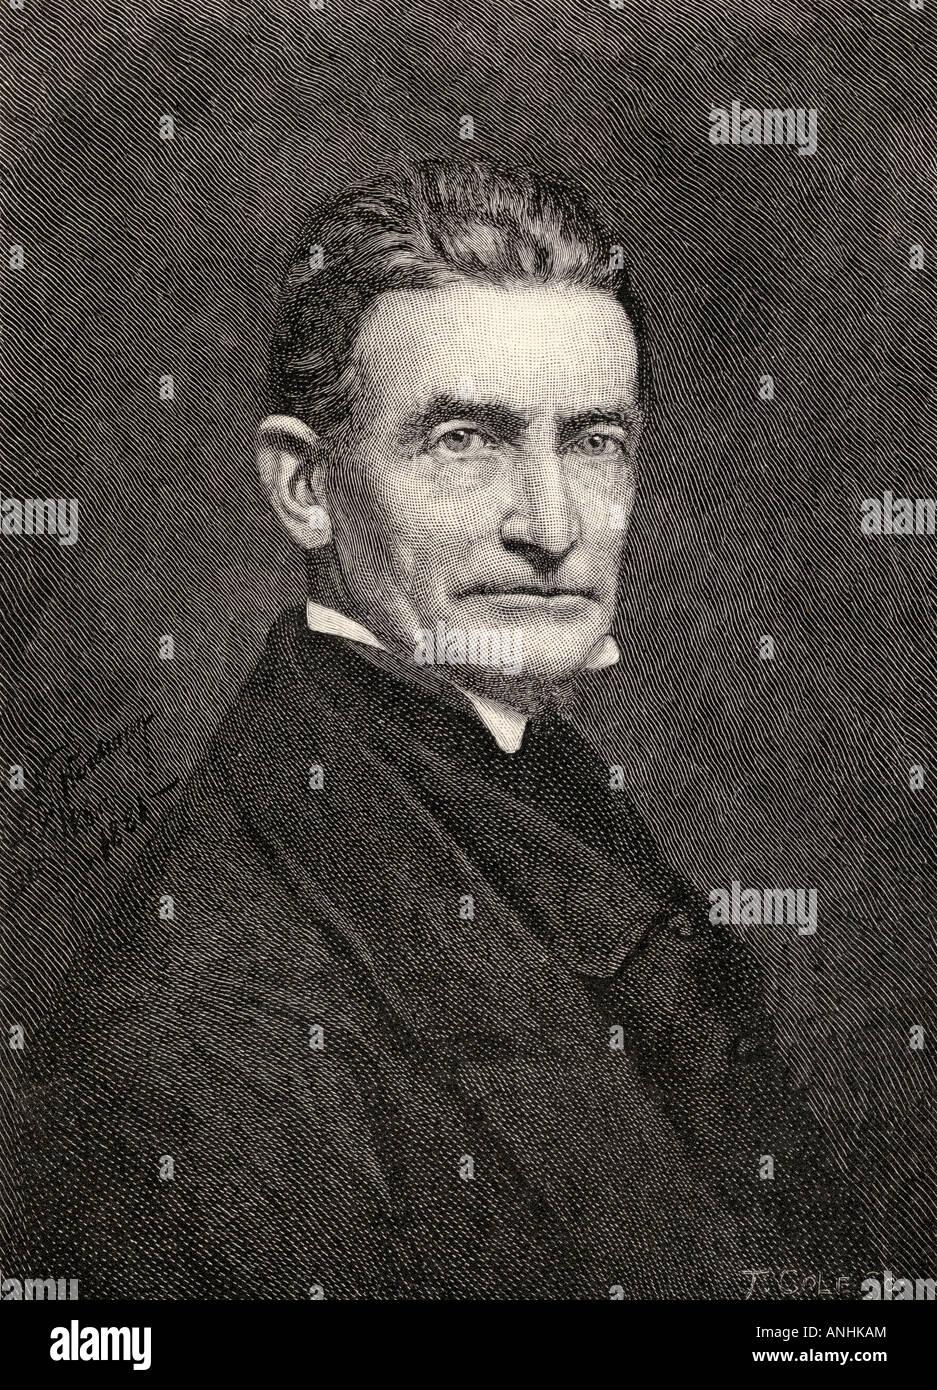 John Brown, 1800 - 1859. Abolizionista americano bianco. Dal libro The Century Illustrated Monthly Magazine, maggio a ottobre 1883. Foto Stock